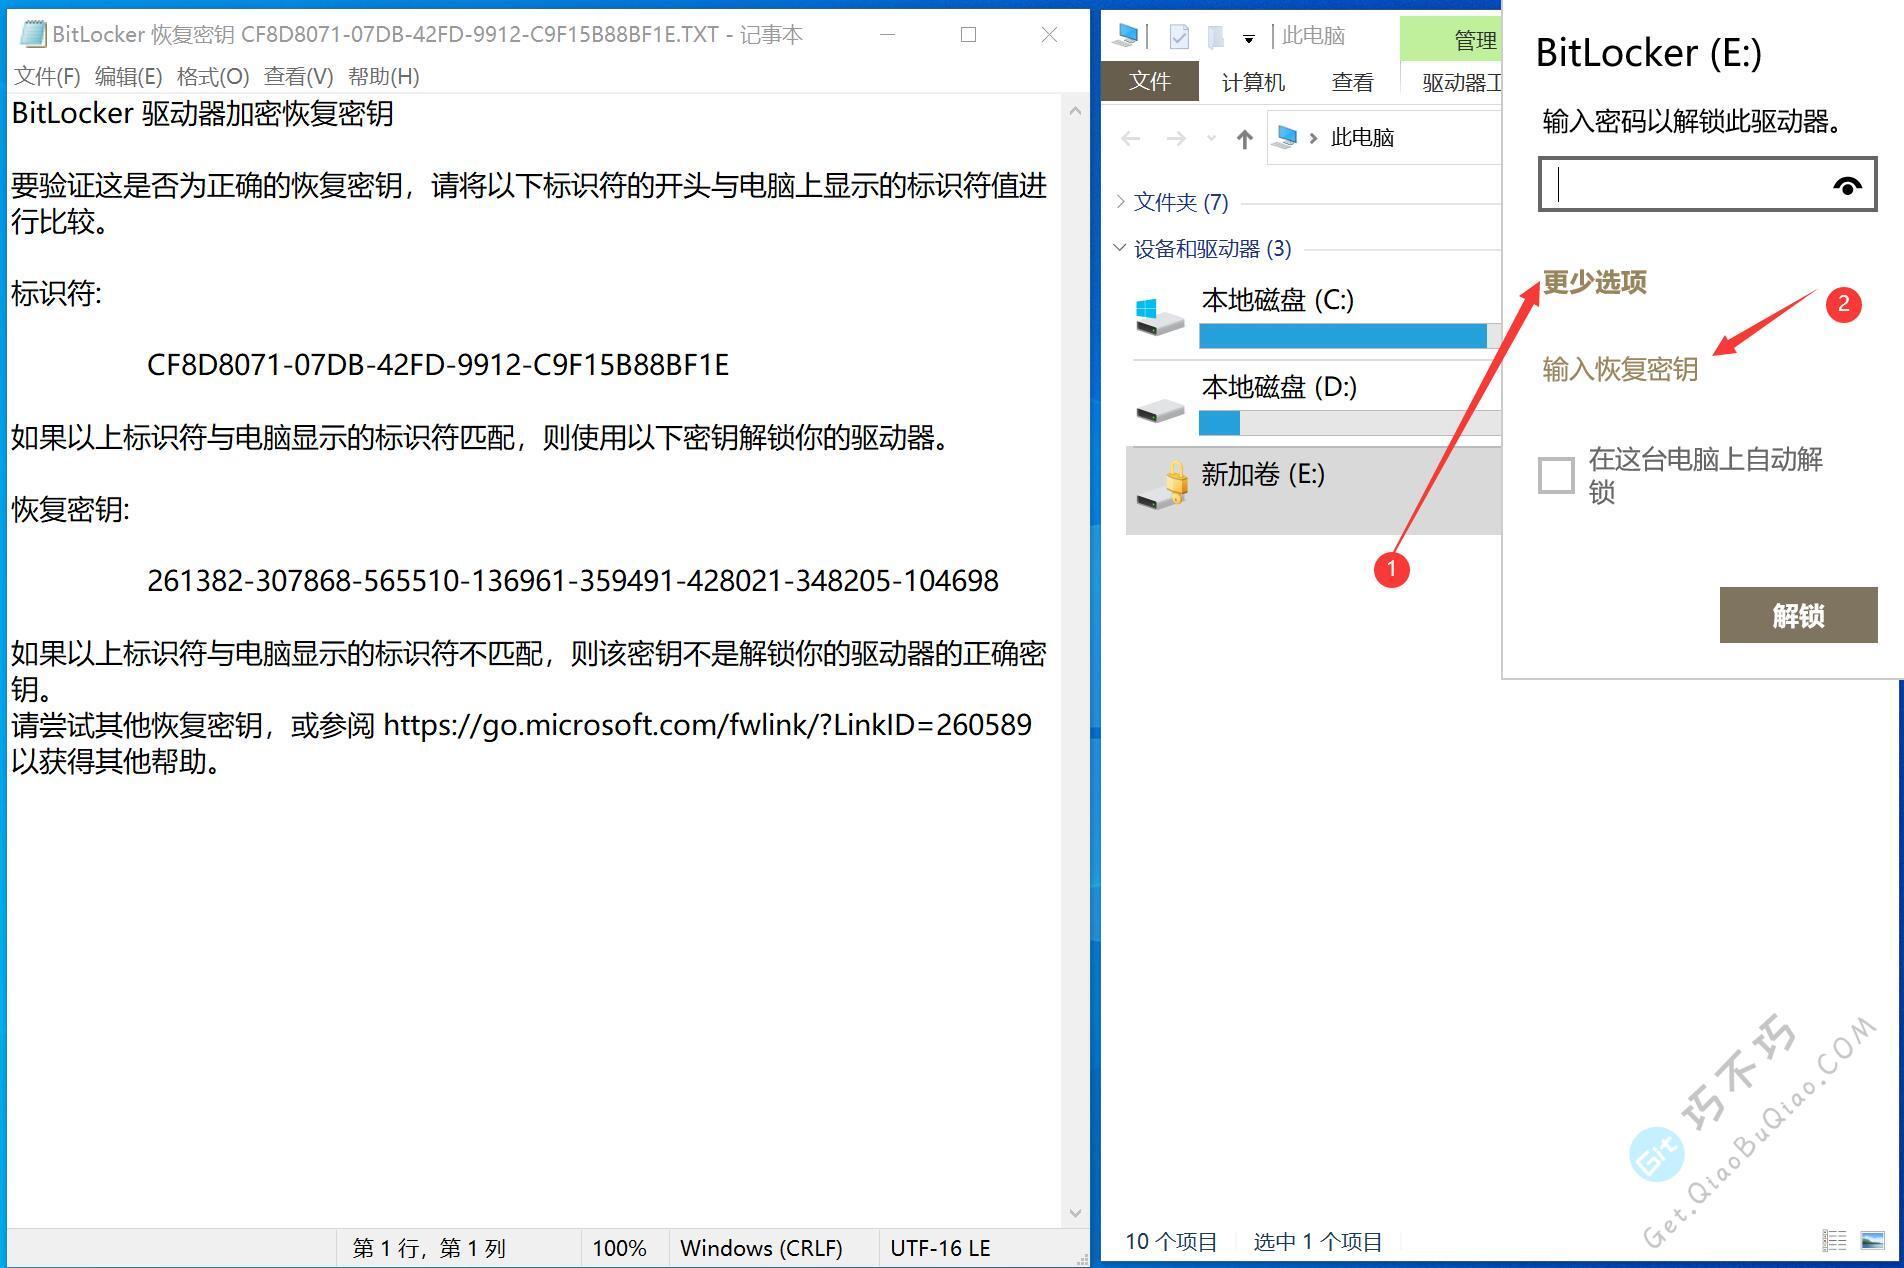 Windows BitLocker磁盘加密的高级使用教程,使用密码+密钥文件自动锁定和解密